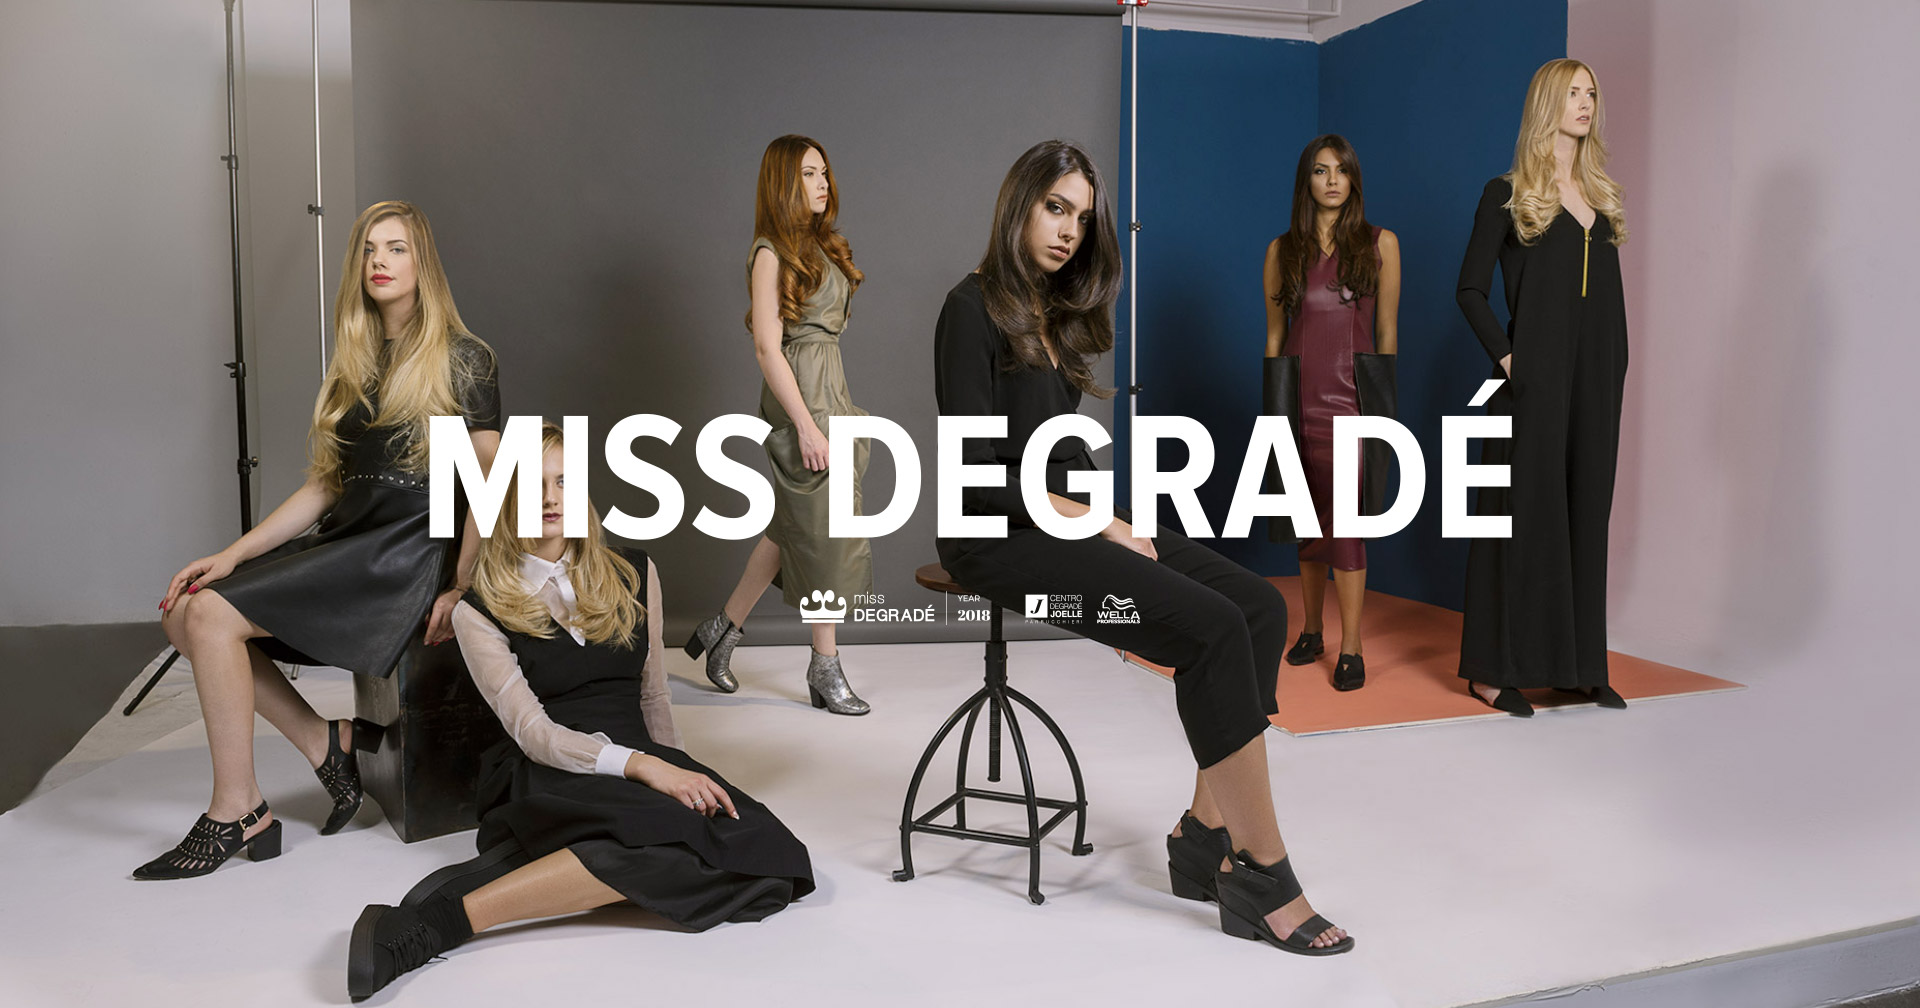 Nuova campagna e nuovo look per il sito web Miss Degradé 2018